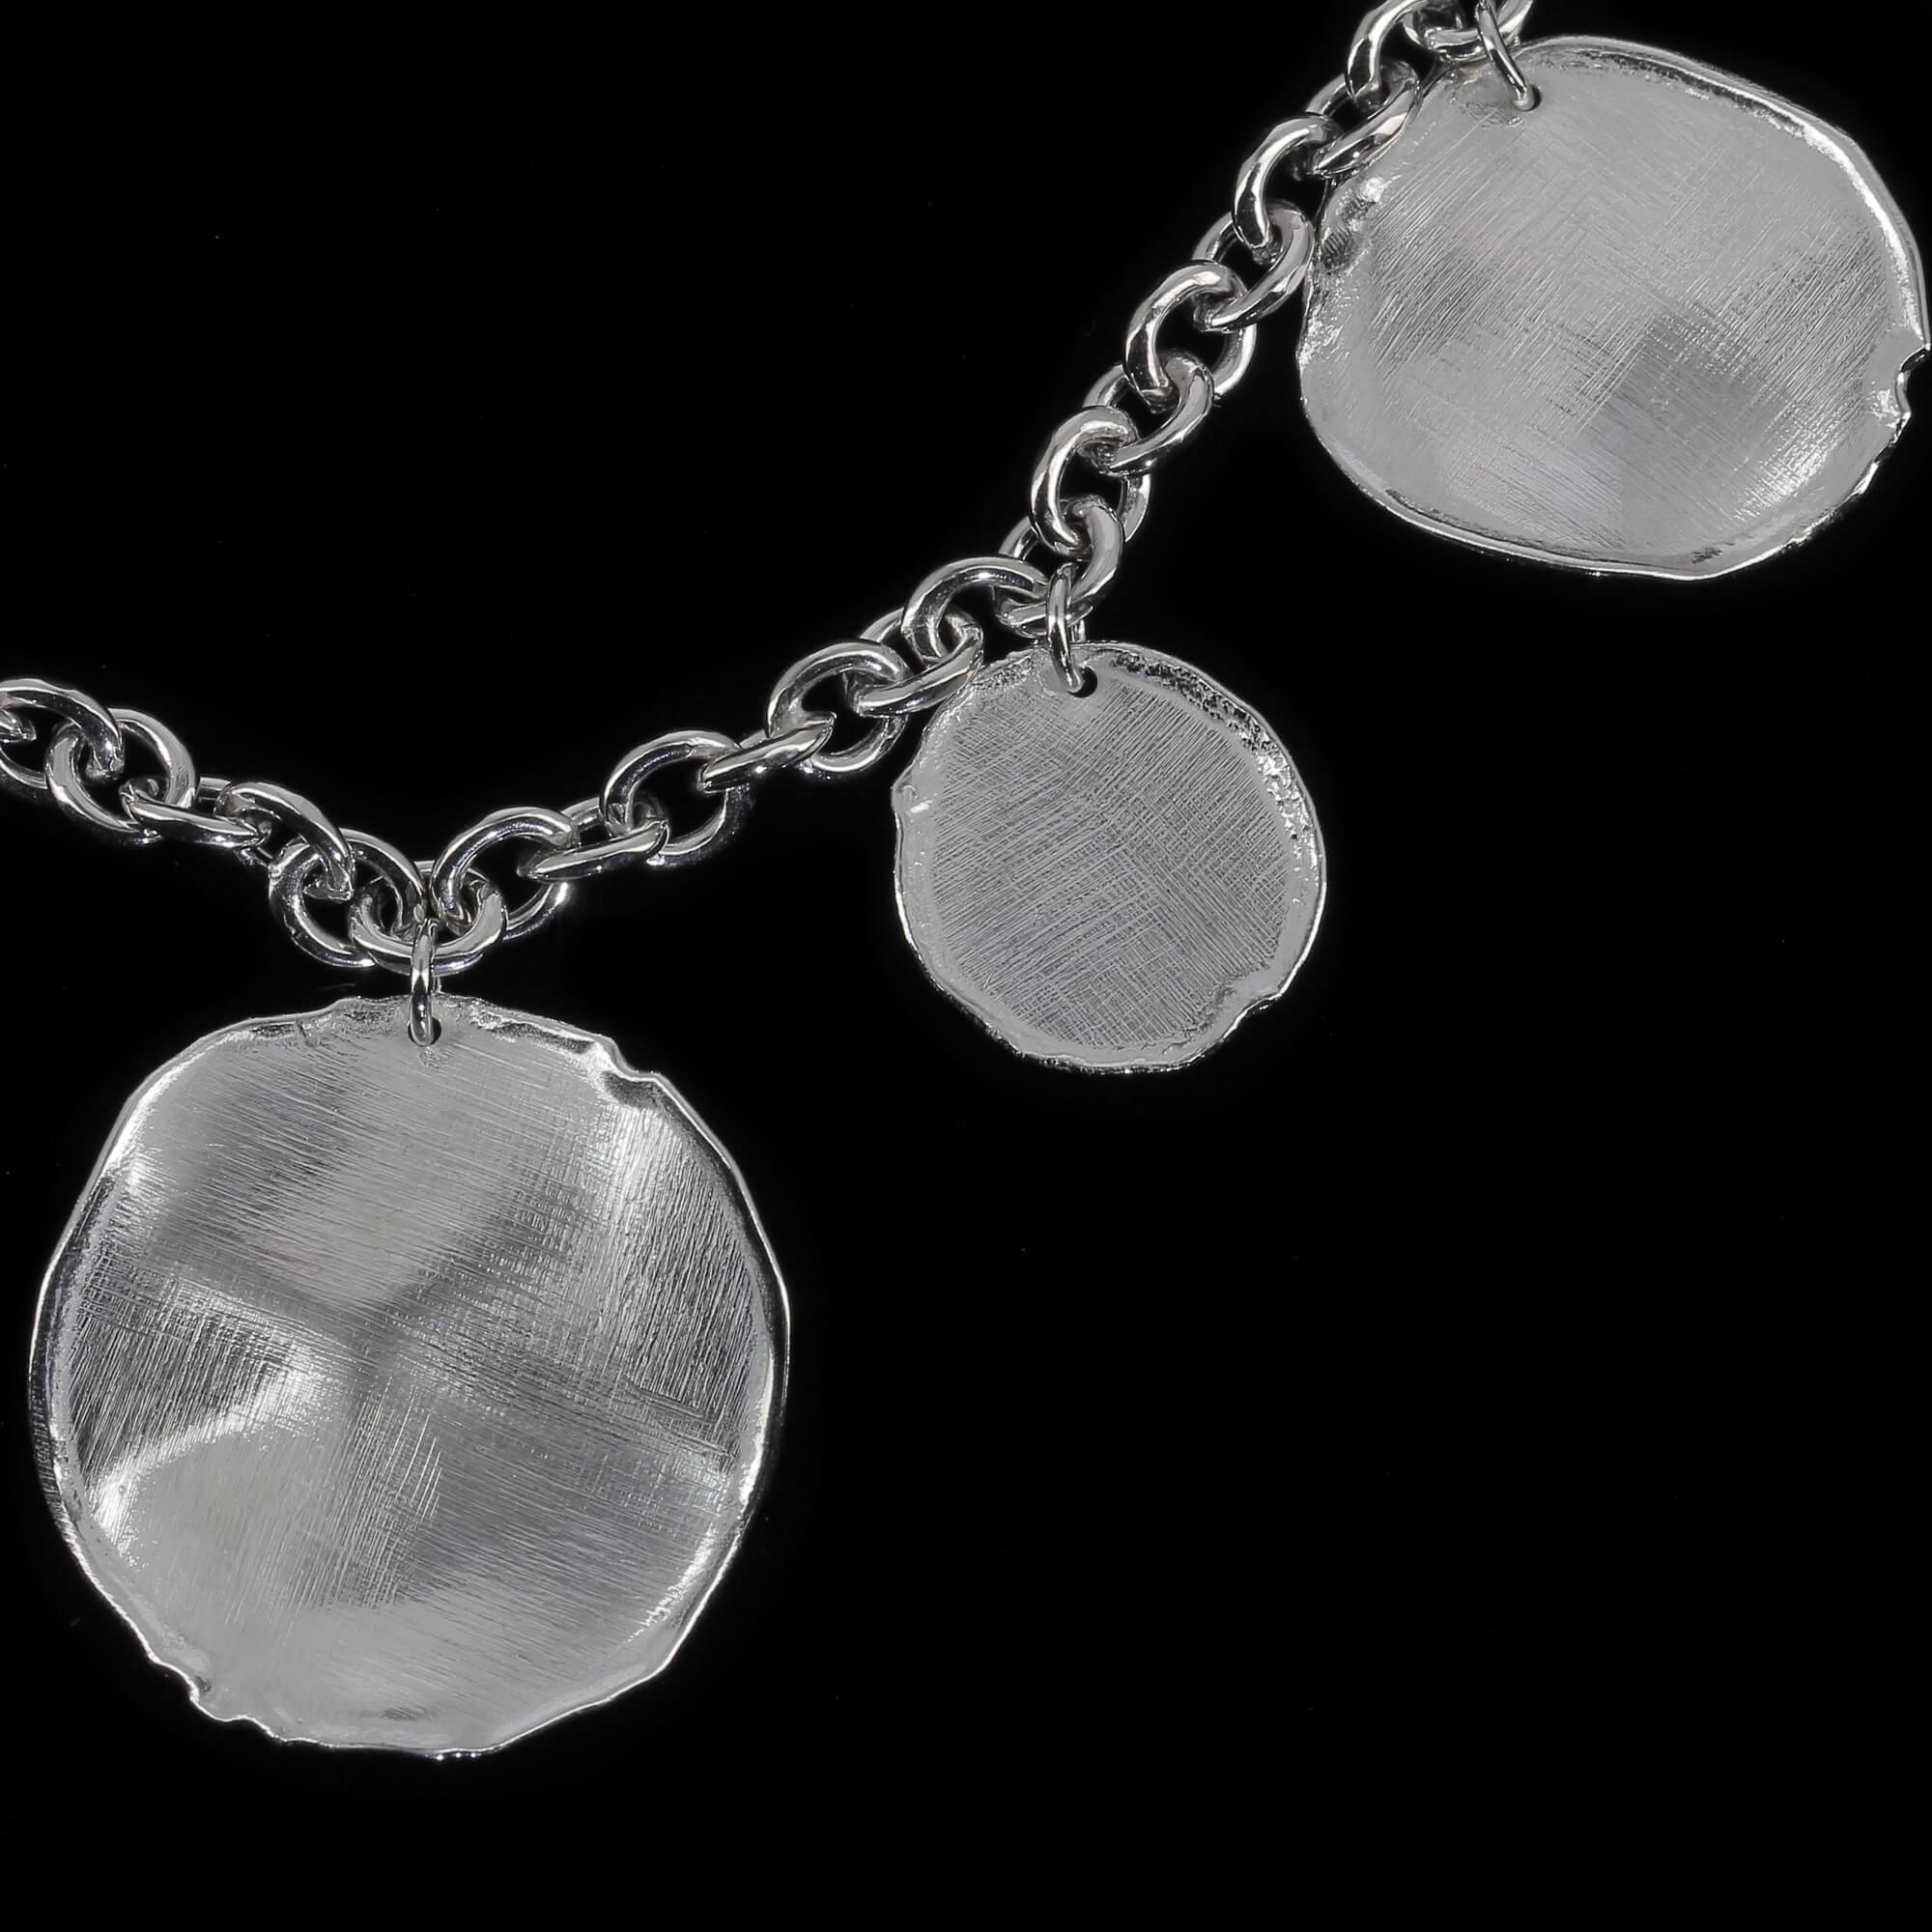 Zilveren schakelketting met ronde hangers